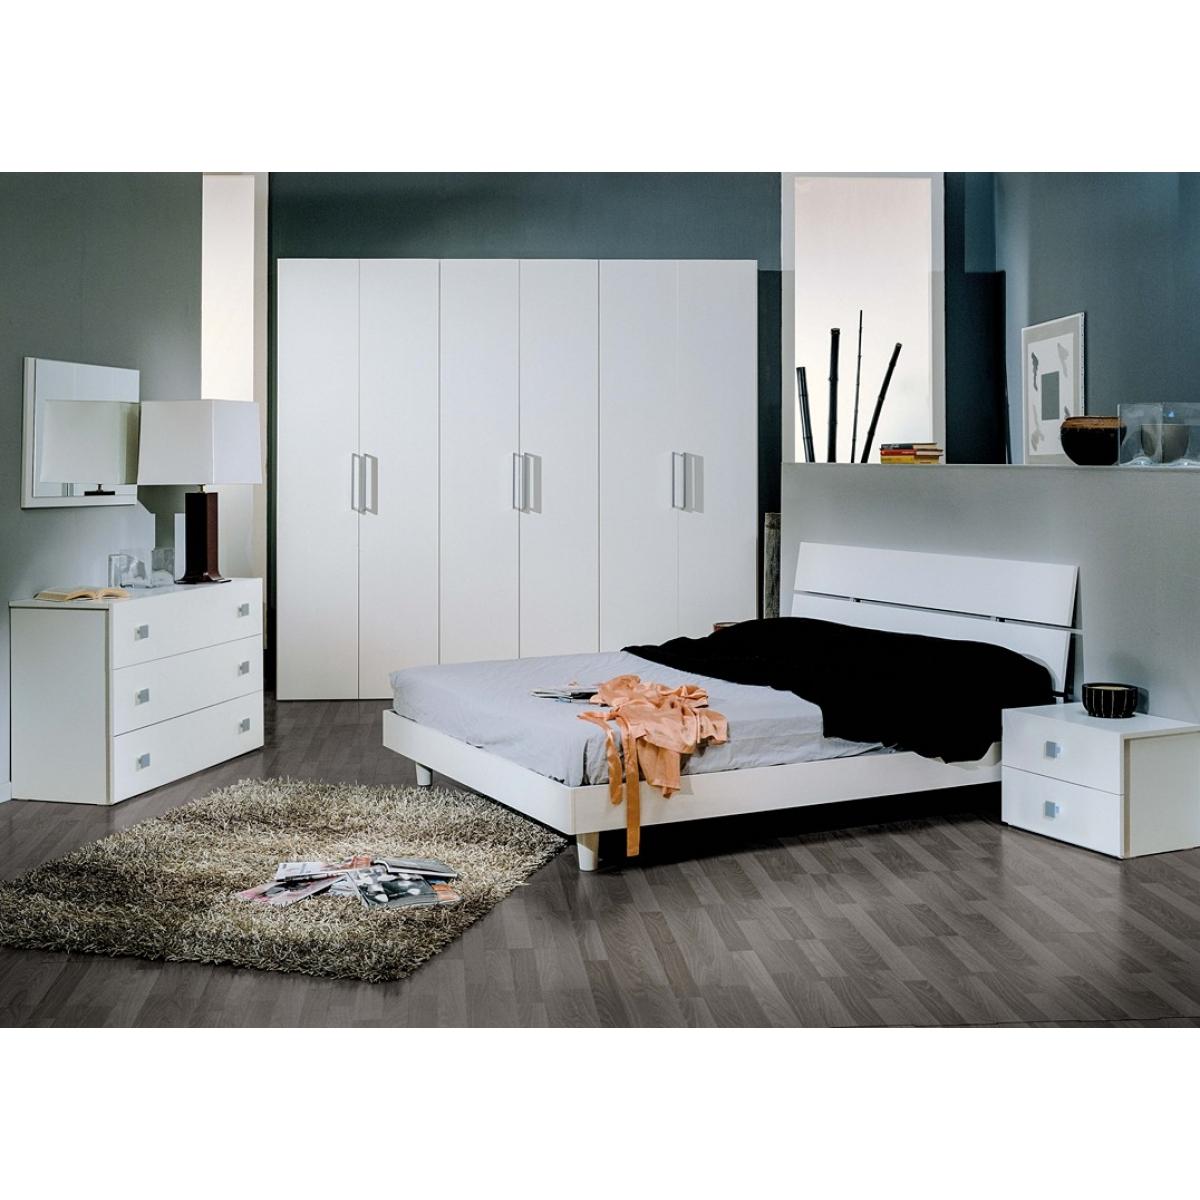 834 camera da letto completa moderna - Camera da letto moderna completa ...